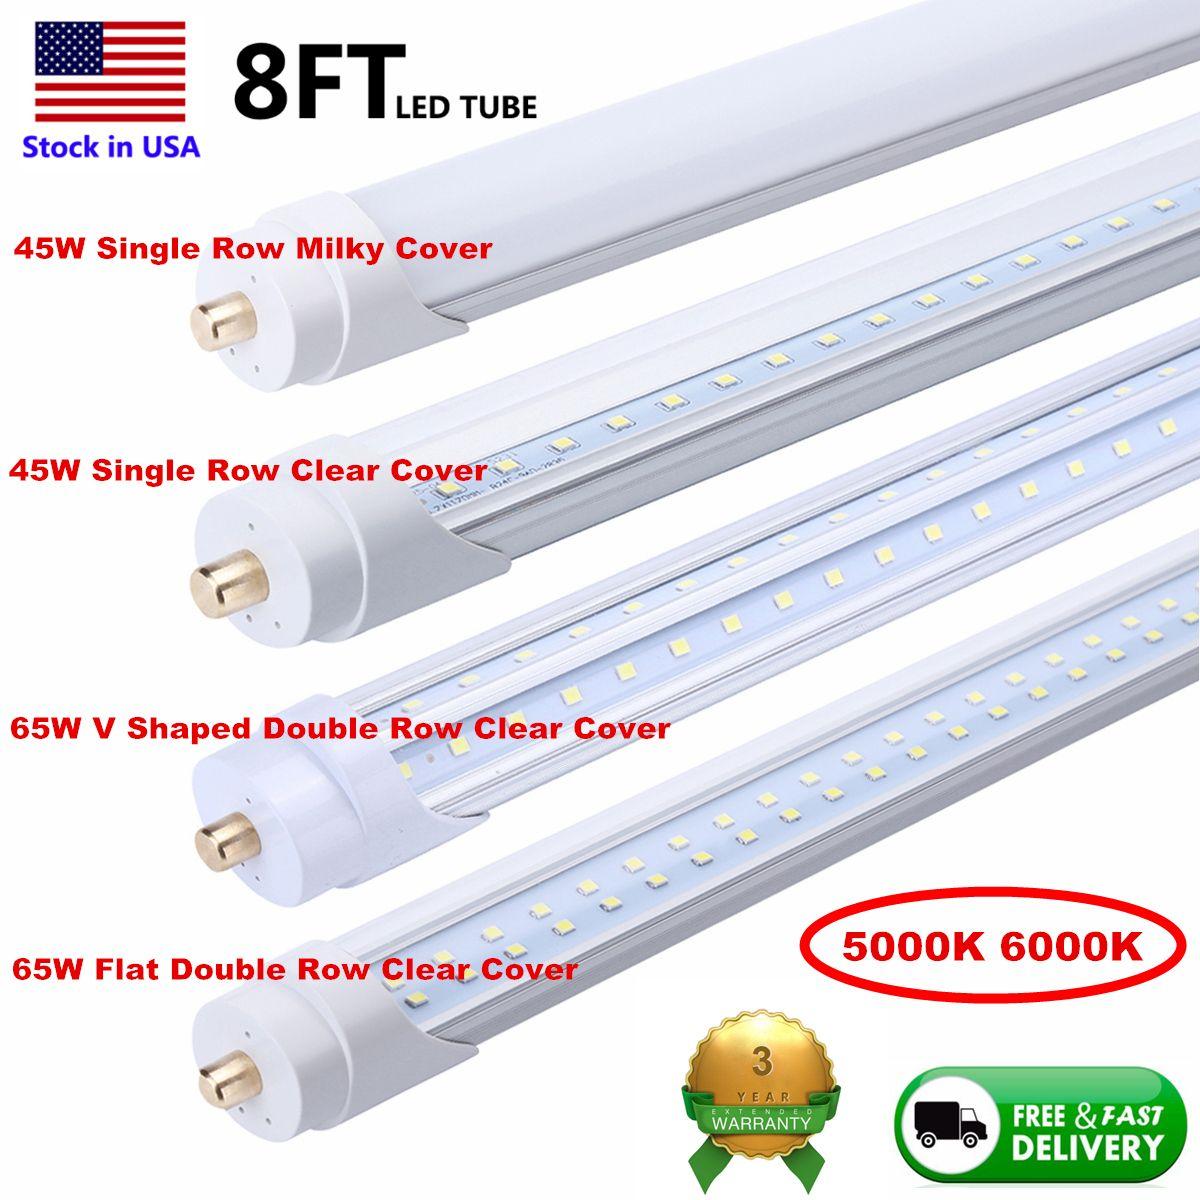 صف مزدوج LED أنابيب T8 8ft 1 دبوس واحد FA8 45W أدى أنبوب ضوء 8 أقدام 8 أقدام 100LM / ث لمبة الفلورسنت الأوراق المالية